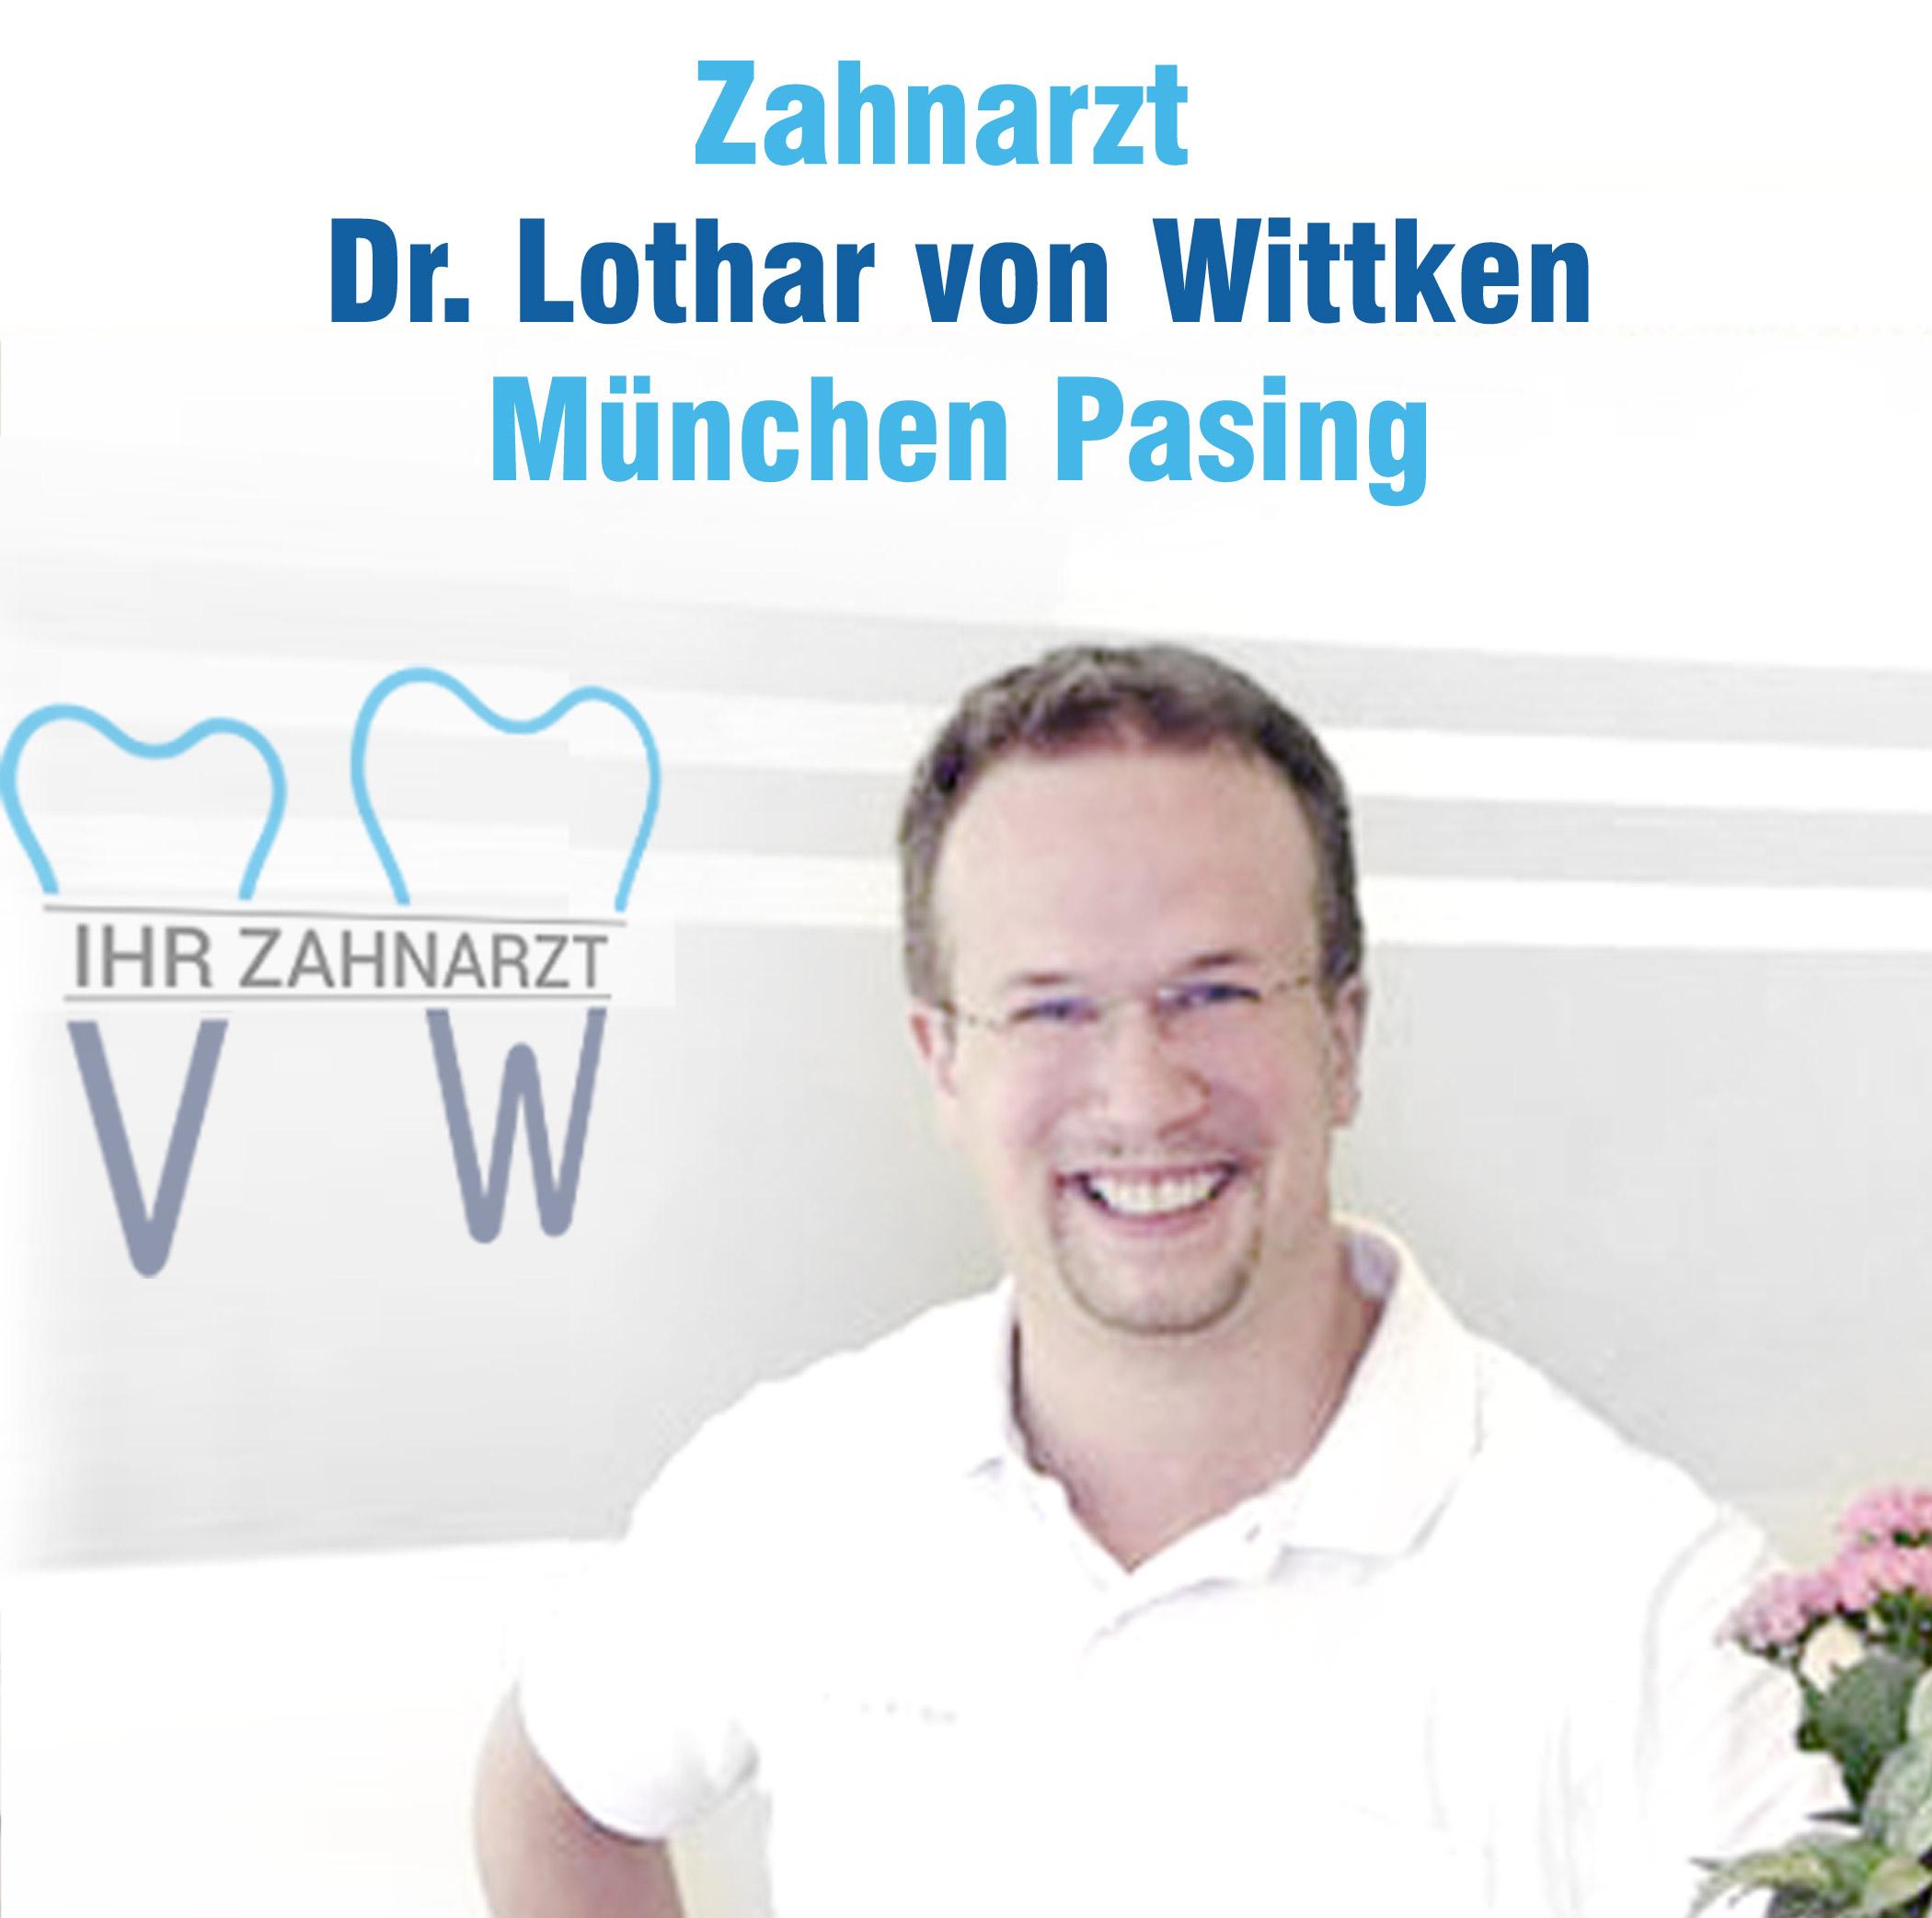 Dr. Lothar von Wittken